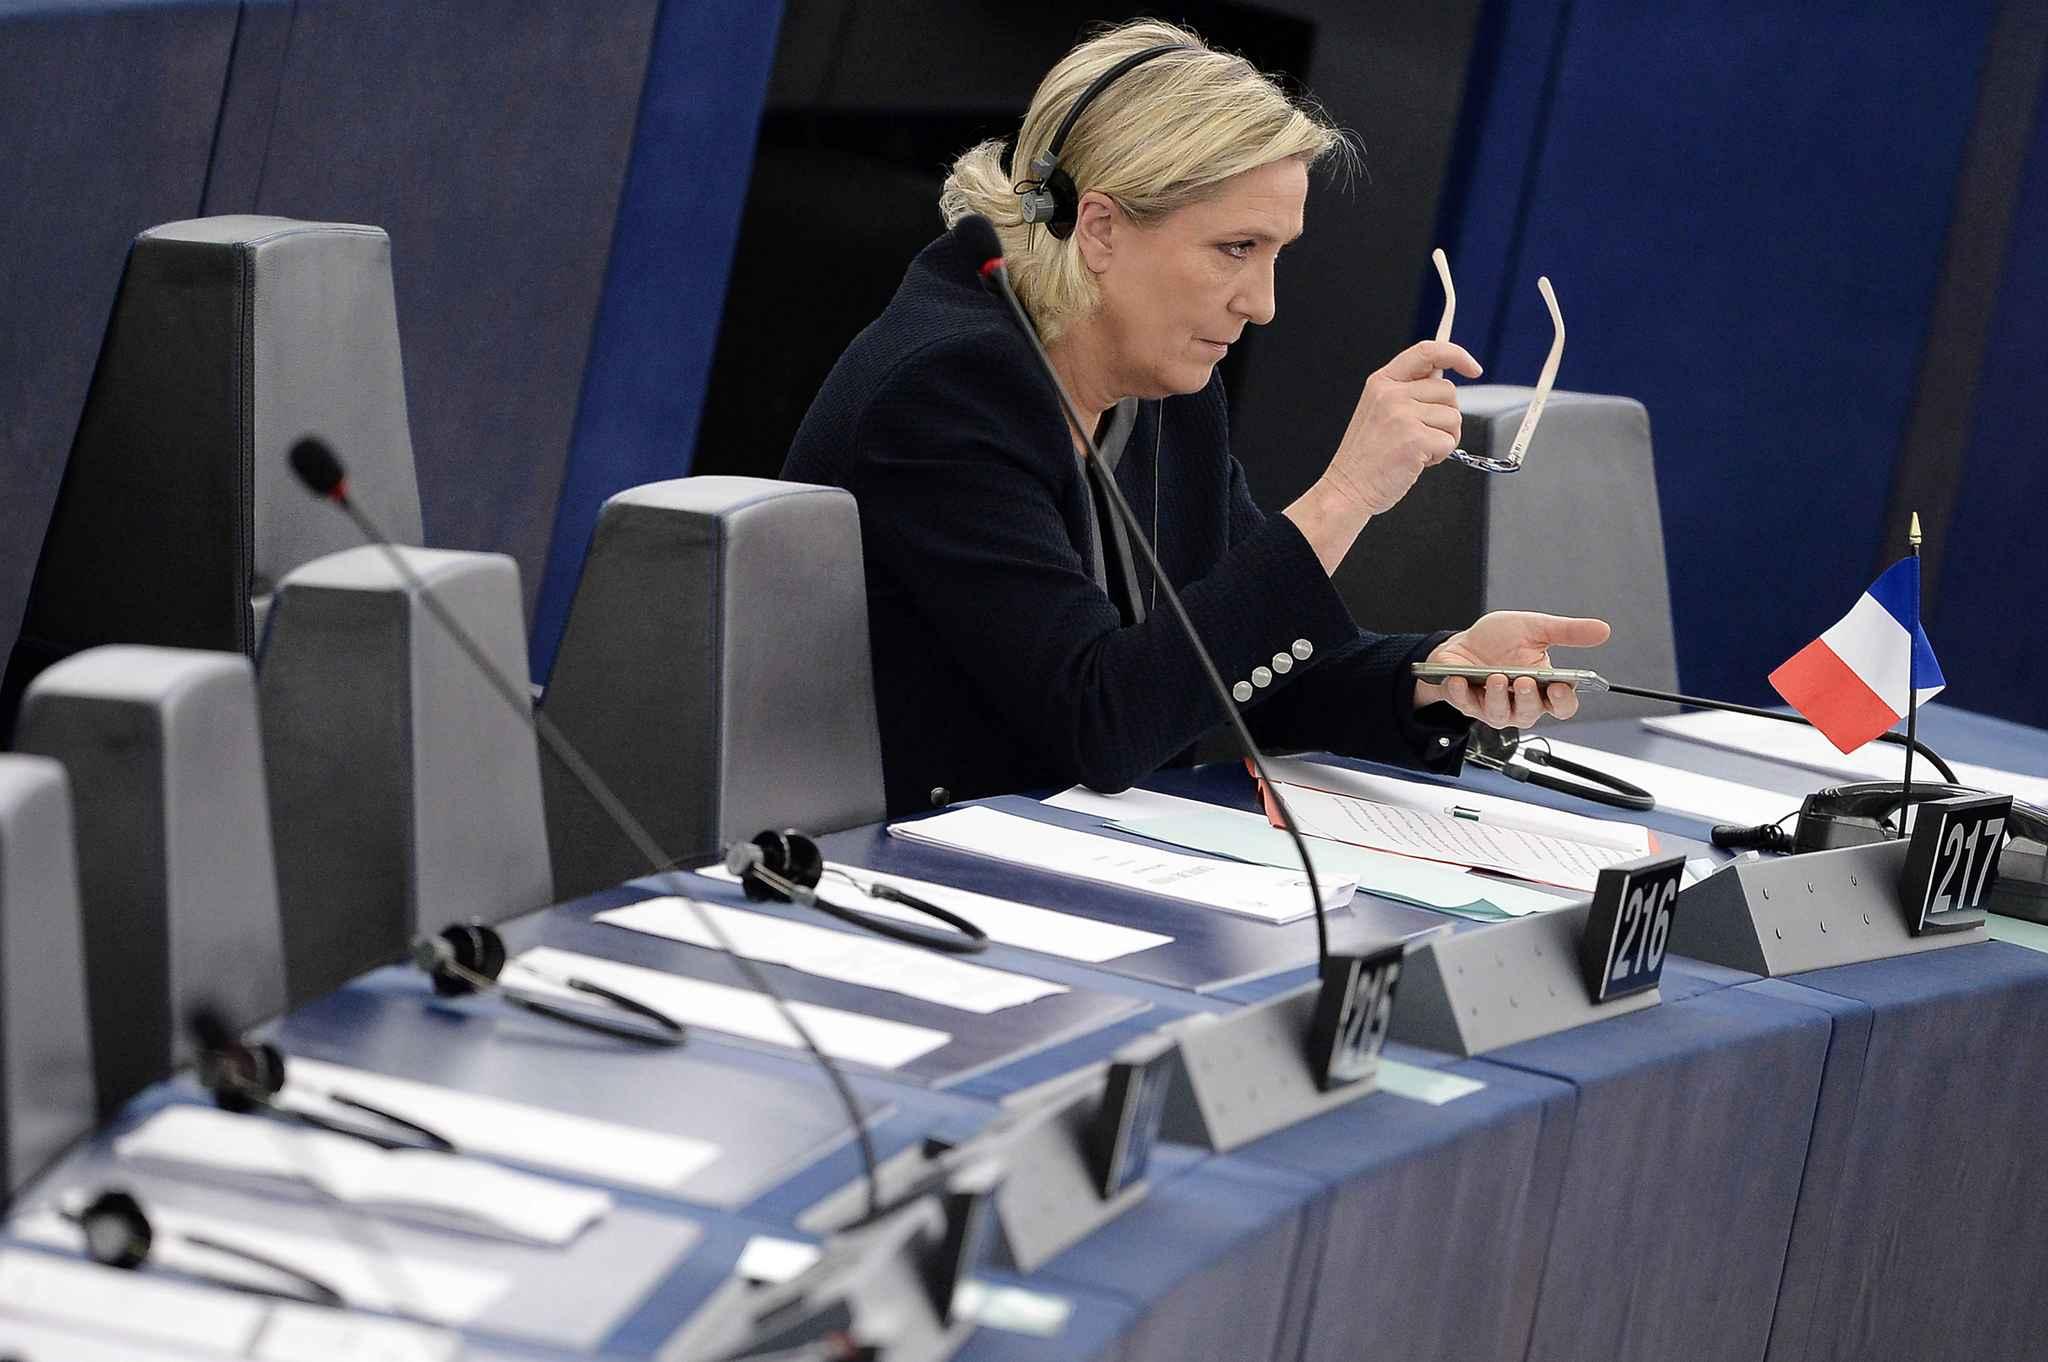 L'UE réclame près de 340.000 euros à Marine Le Pen — Assistants parlementaires